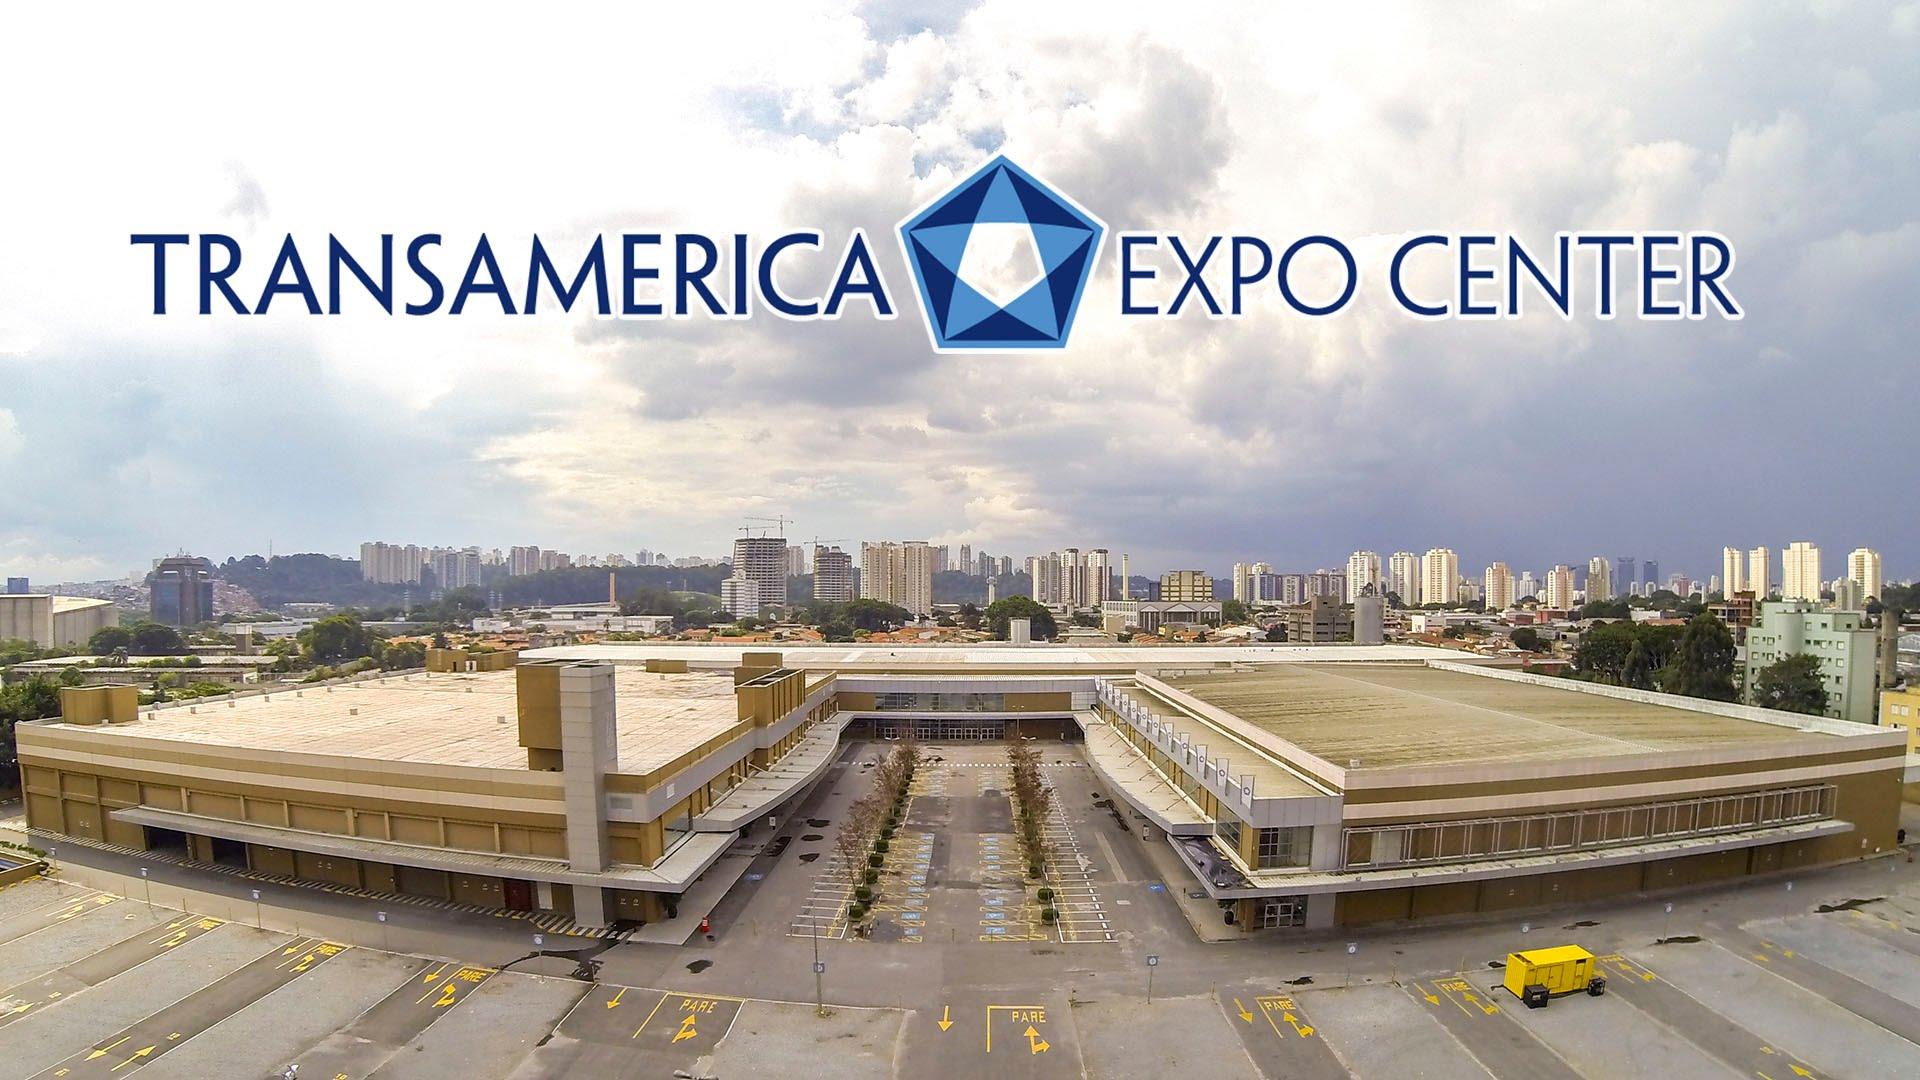 transamerica-expo-center-norte